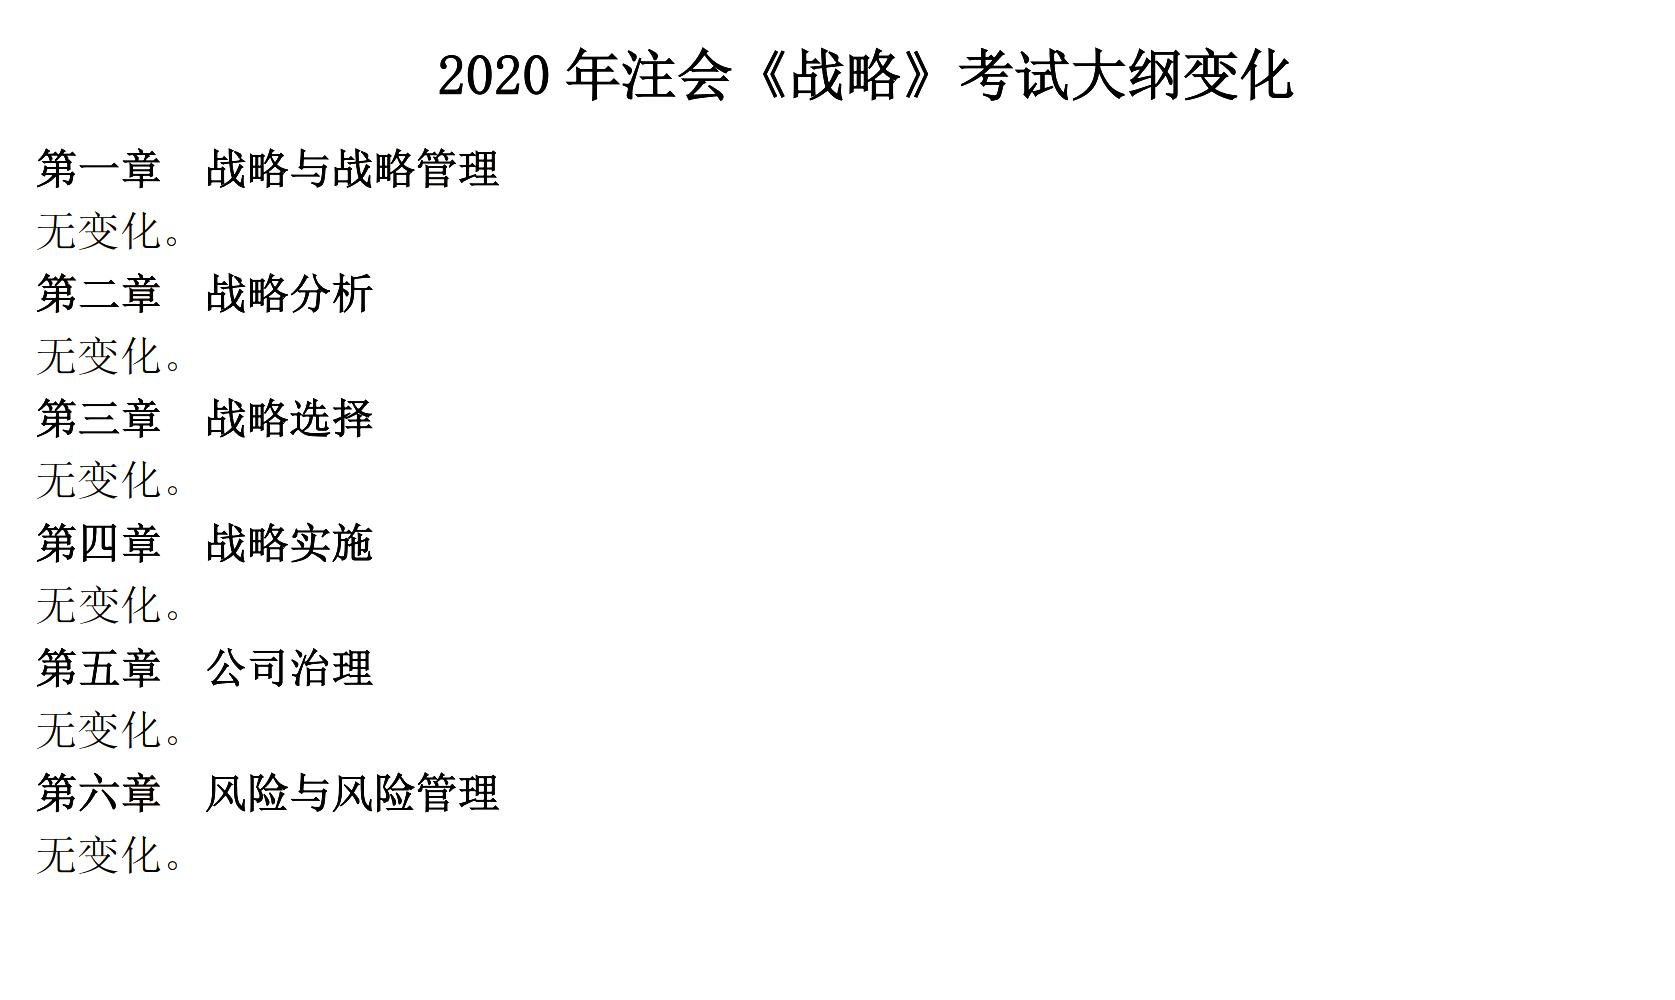 2020年注册会计师考试大纲变化分析――《公司战略》